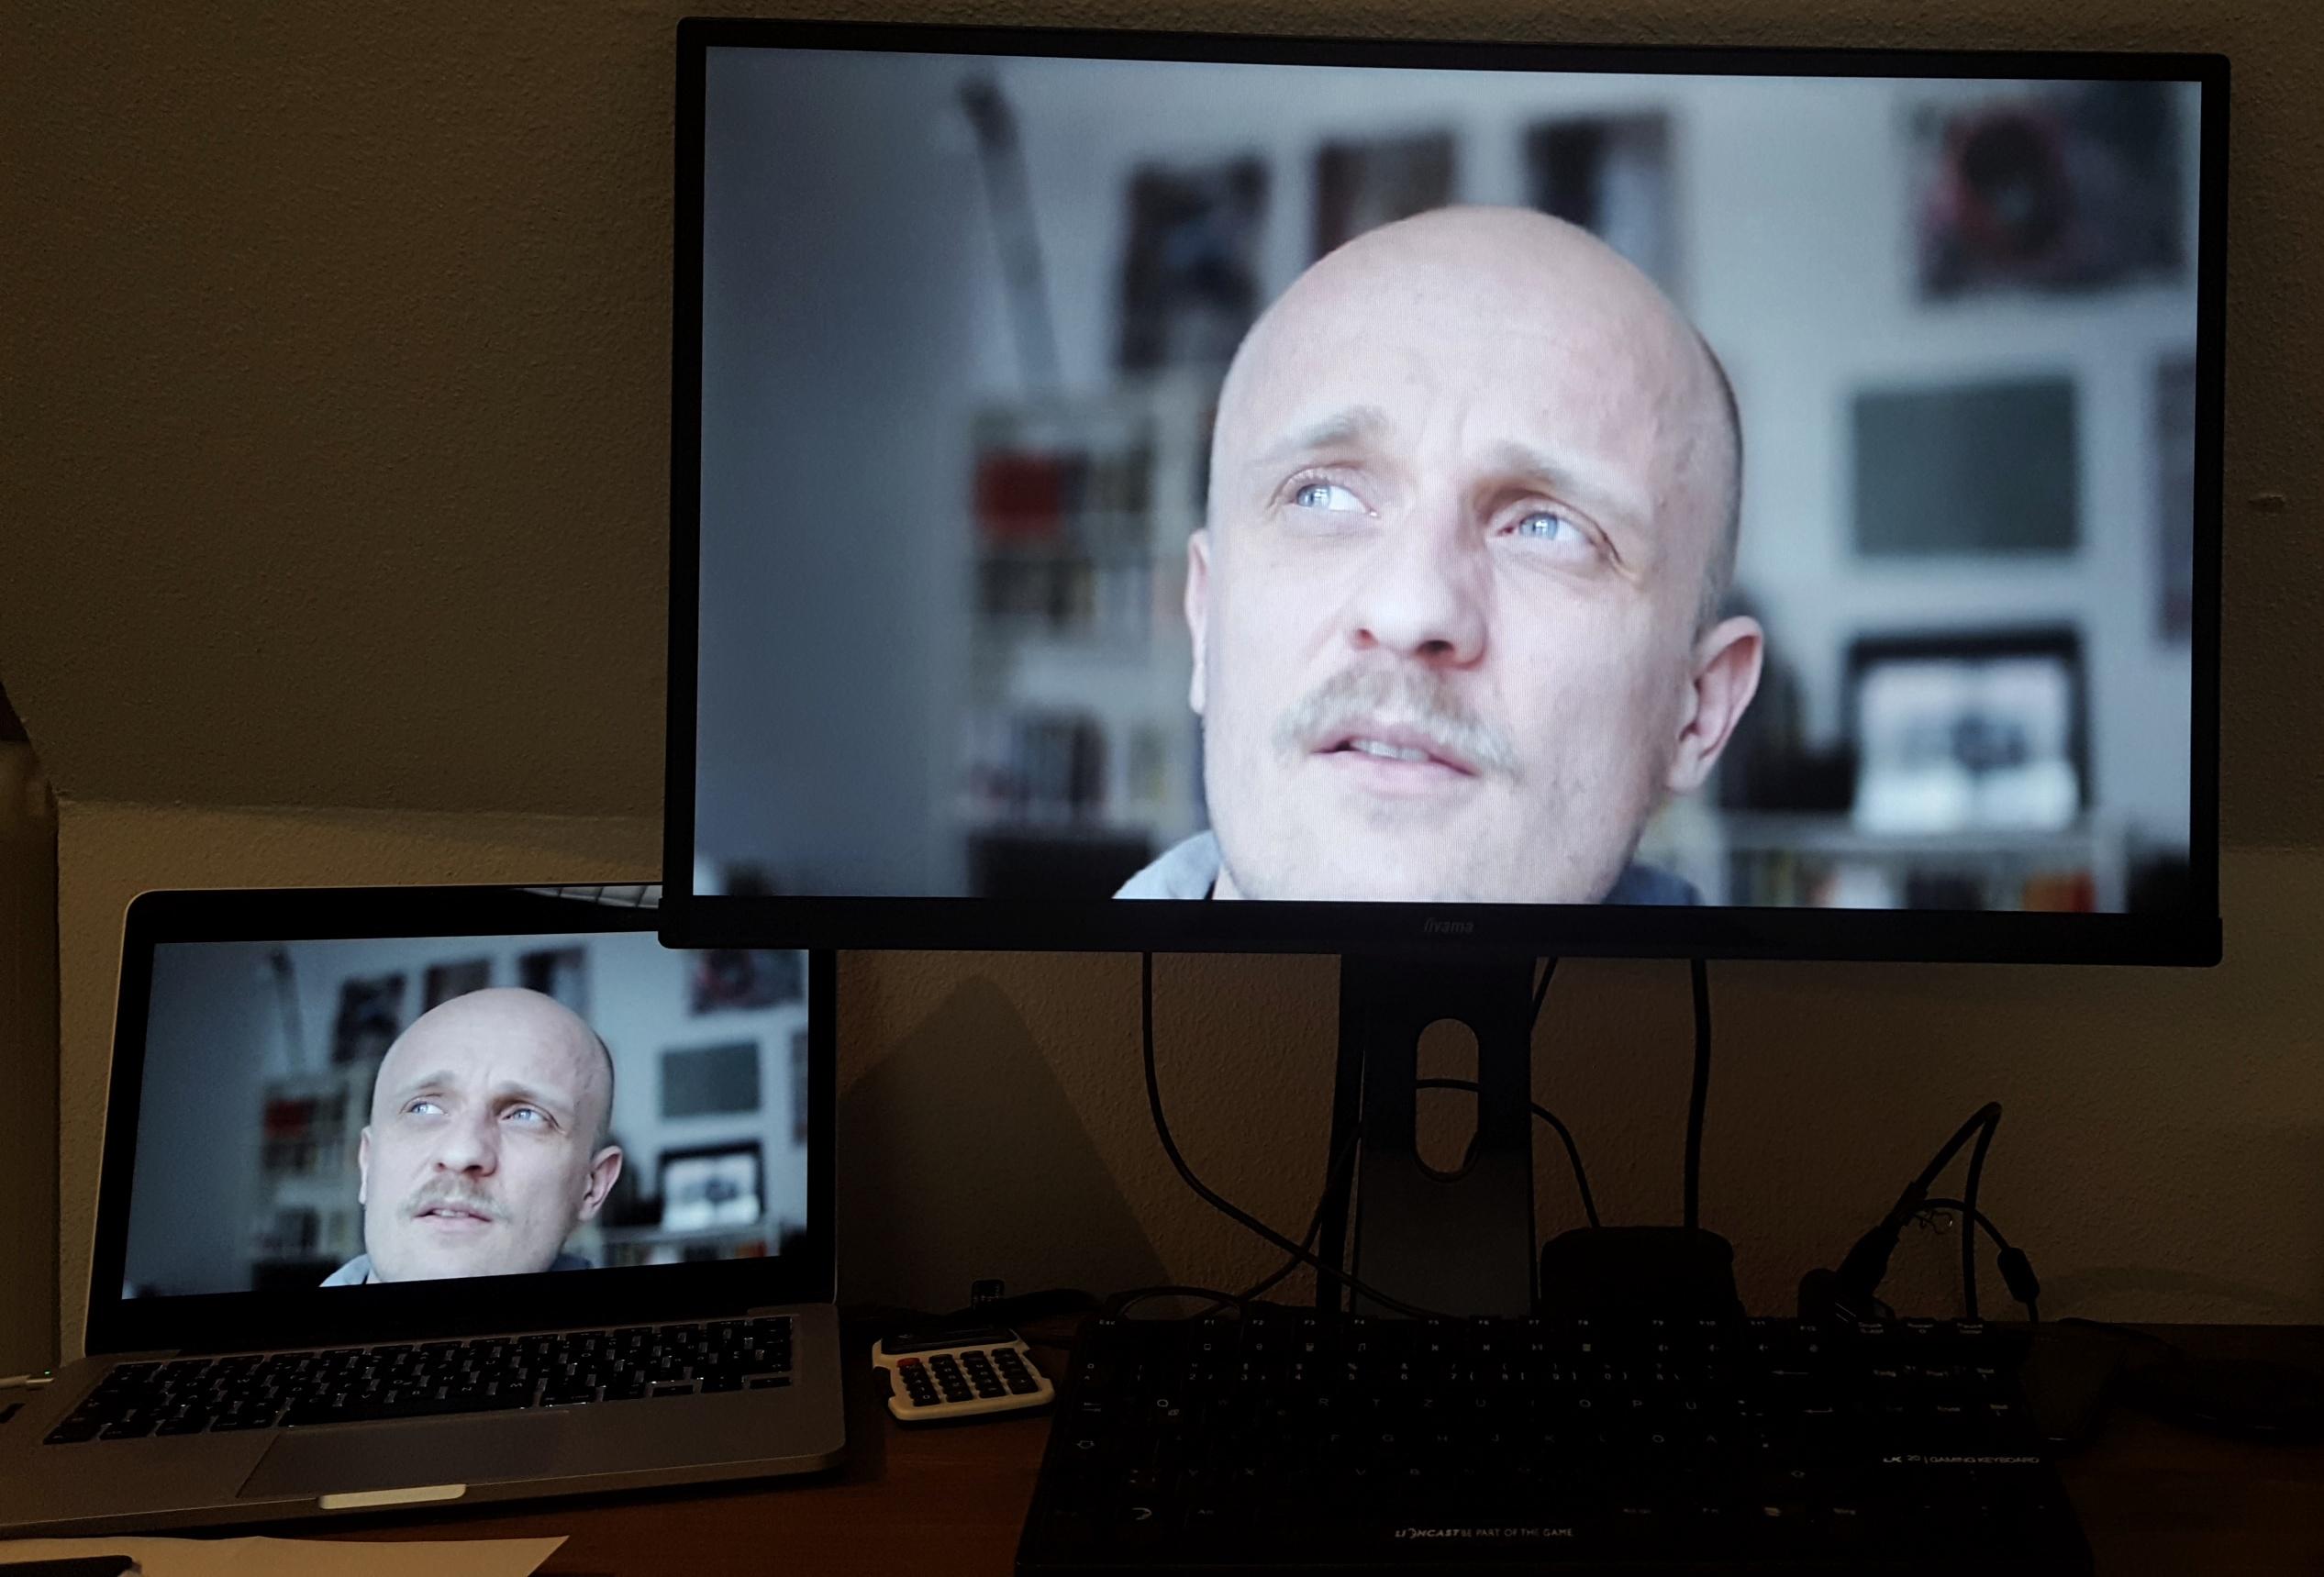 CH auf zwei Monitoren im Schnittraum